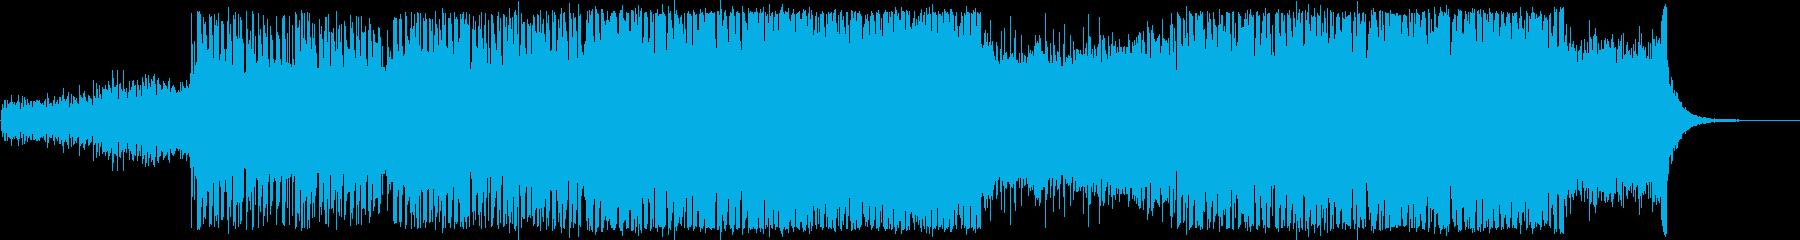 爽やかで広がりあるエレクトロ・EDM風の再生済みの波形